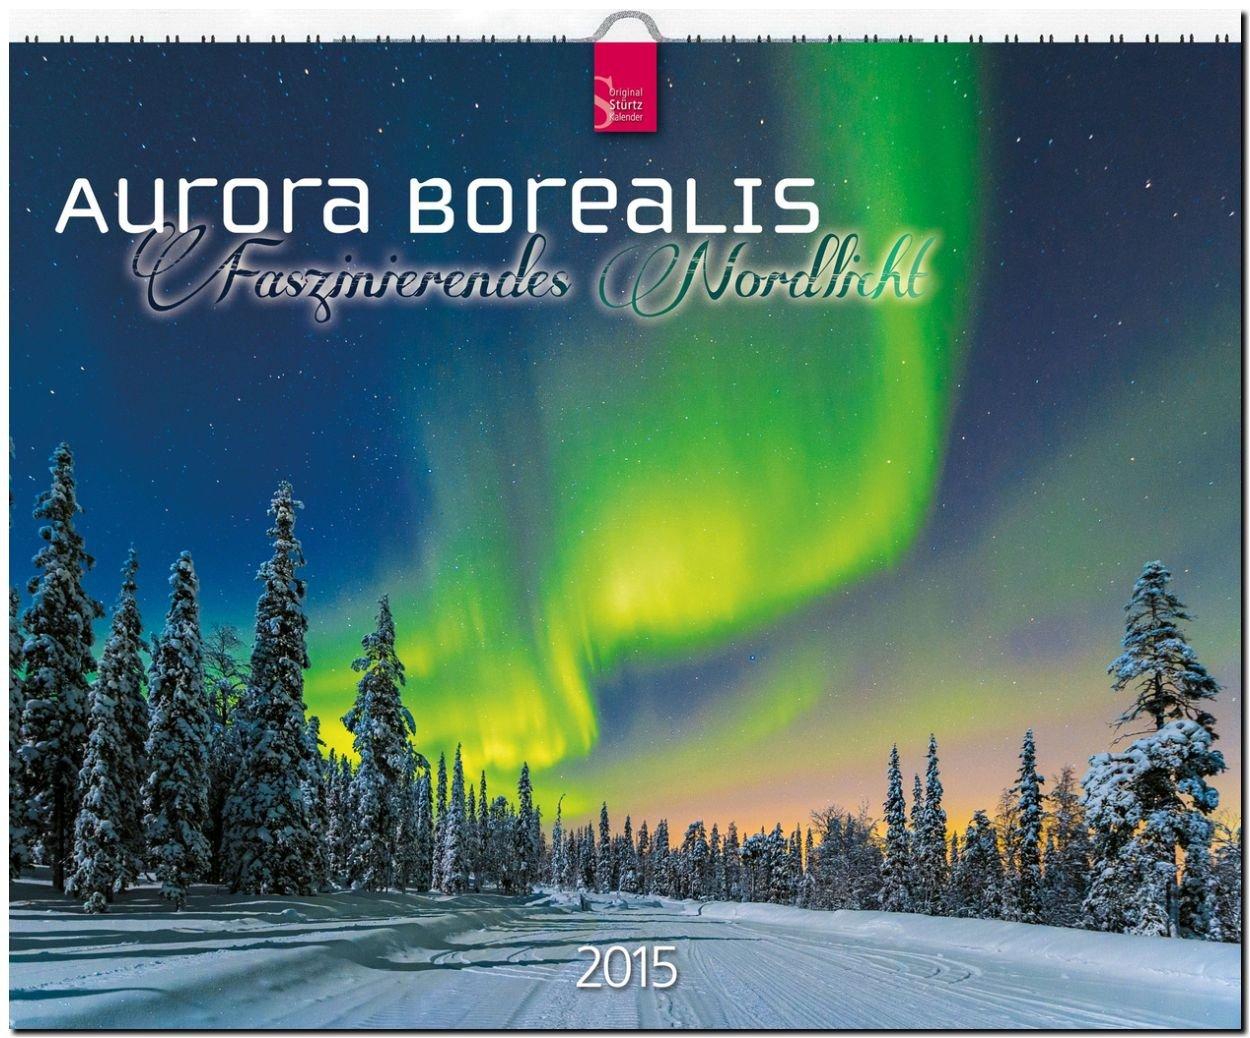 Aurora Borealis - Faszinierendes Nordlicht 2015 - Original Stürtz-Kalender - Großformat-Kalender 60 x 48 cm